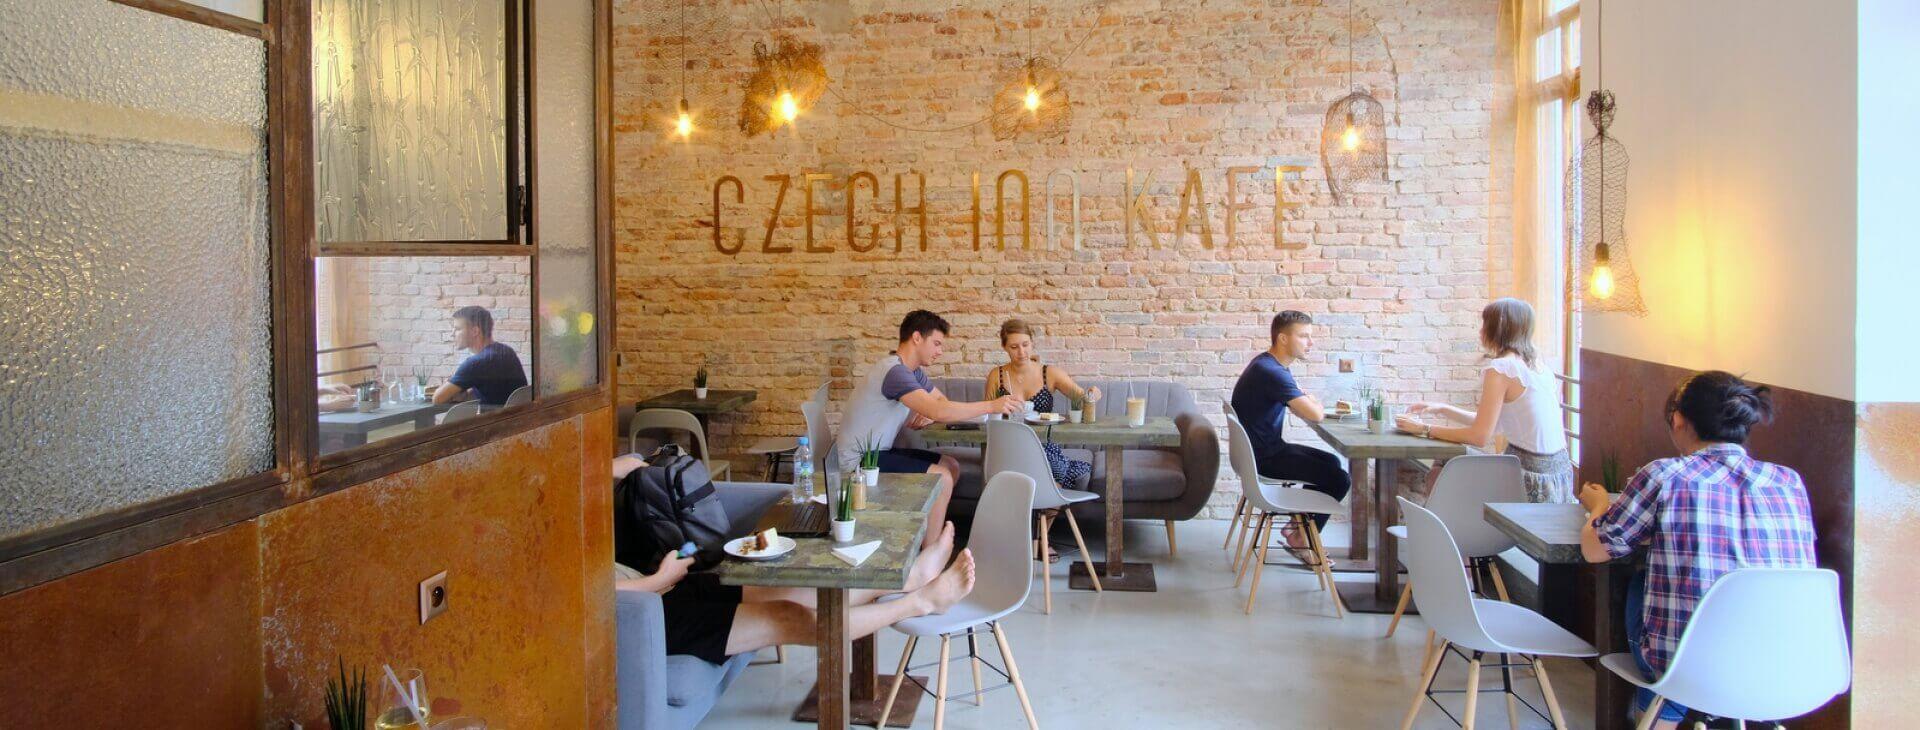 CI-Cafe-1920×730